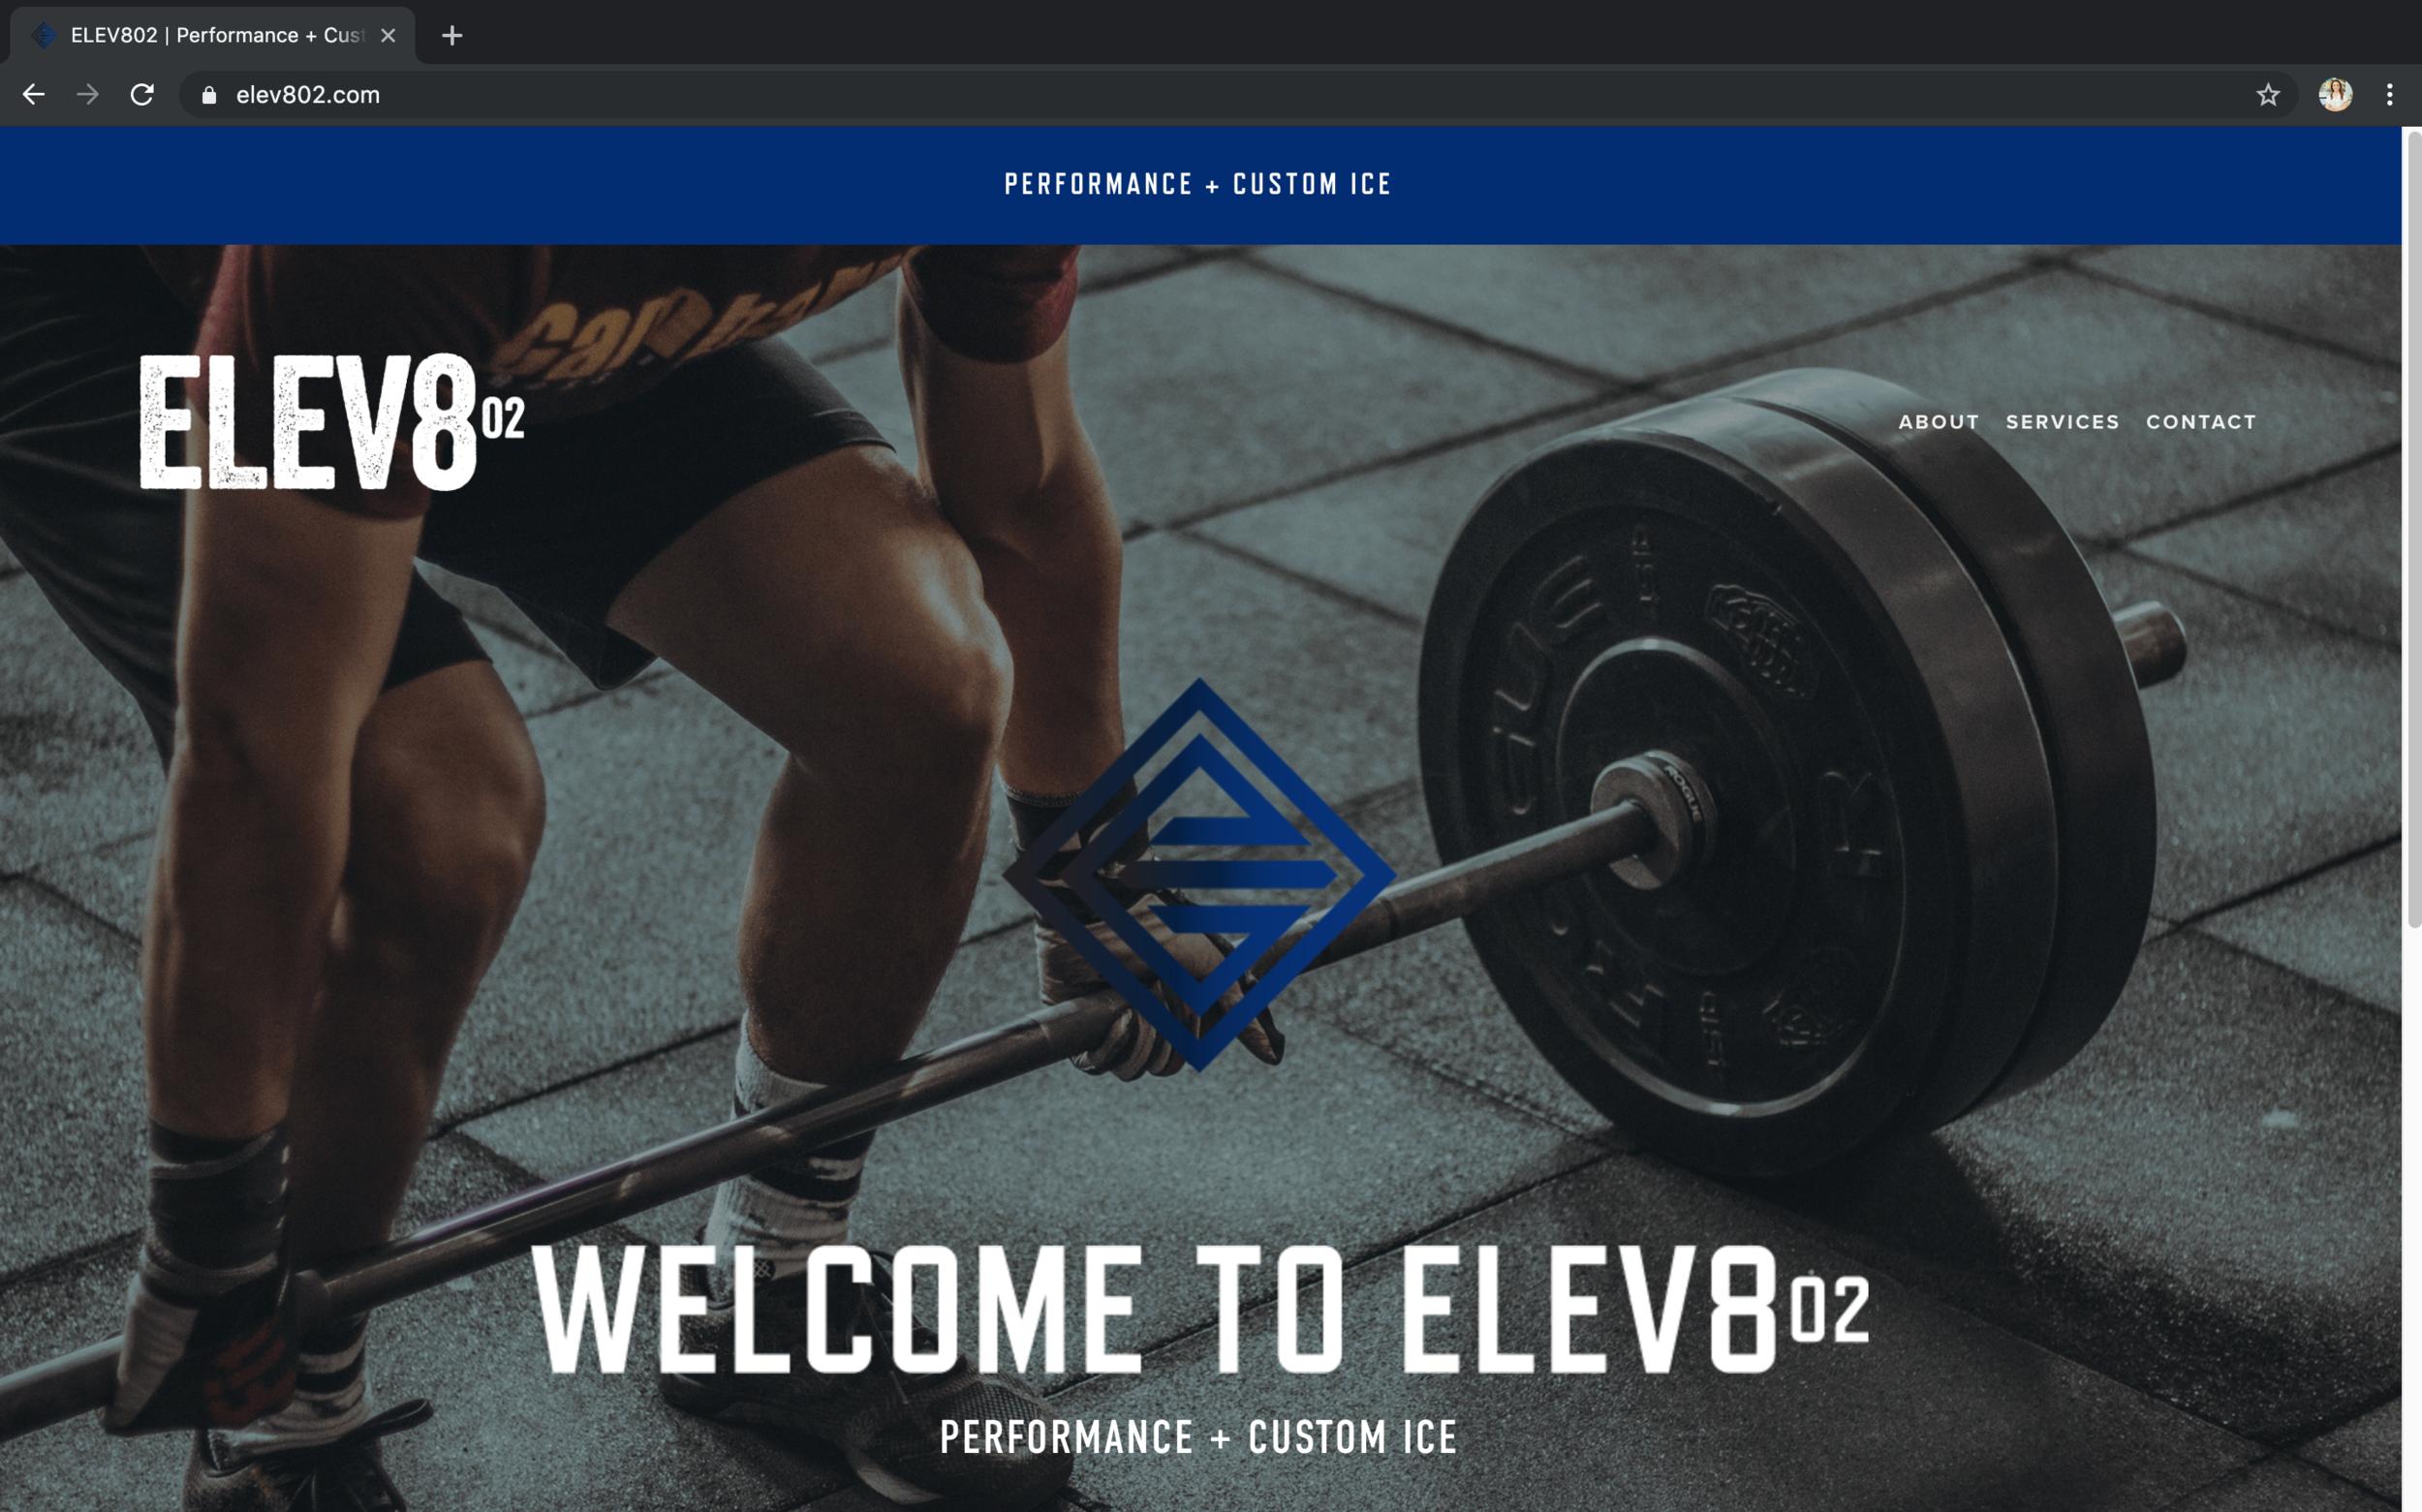 ELEV802